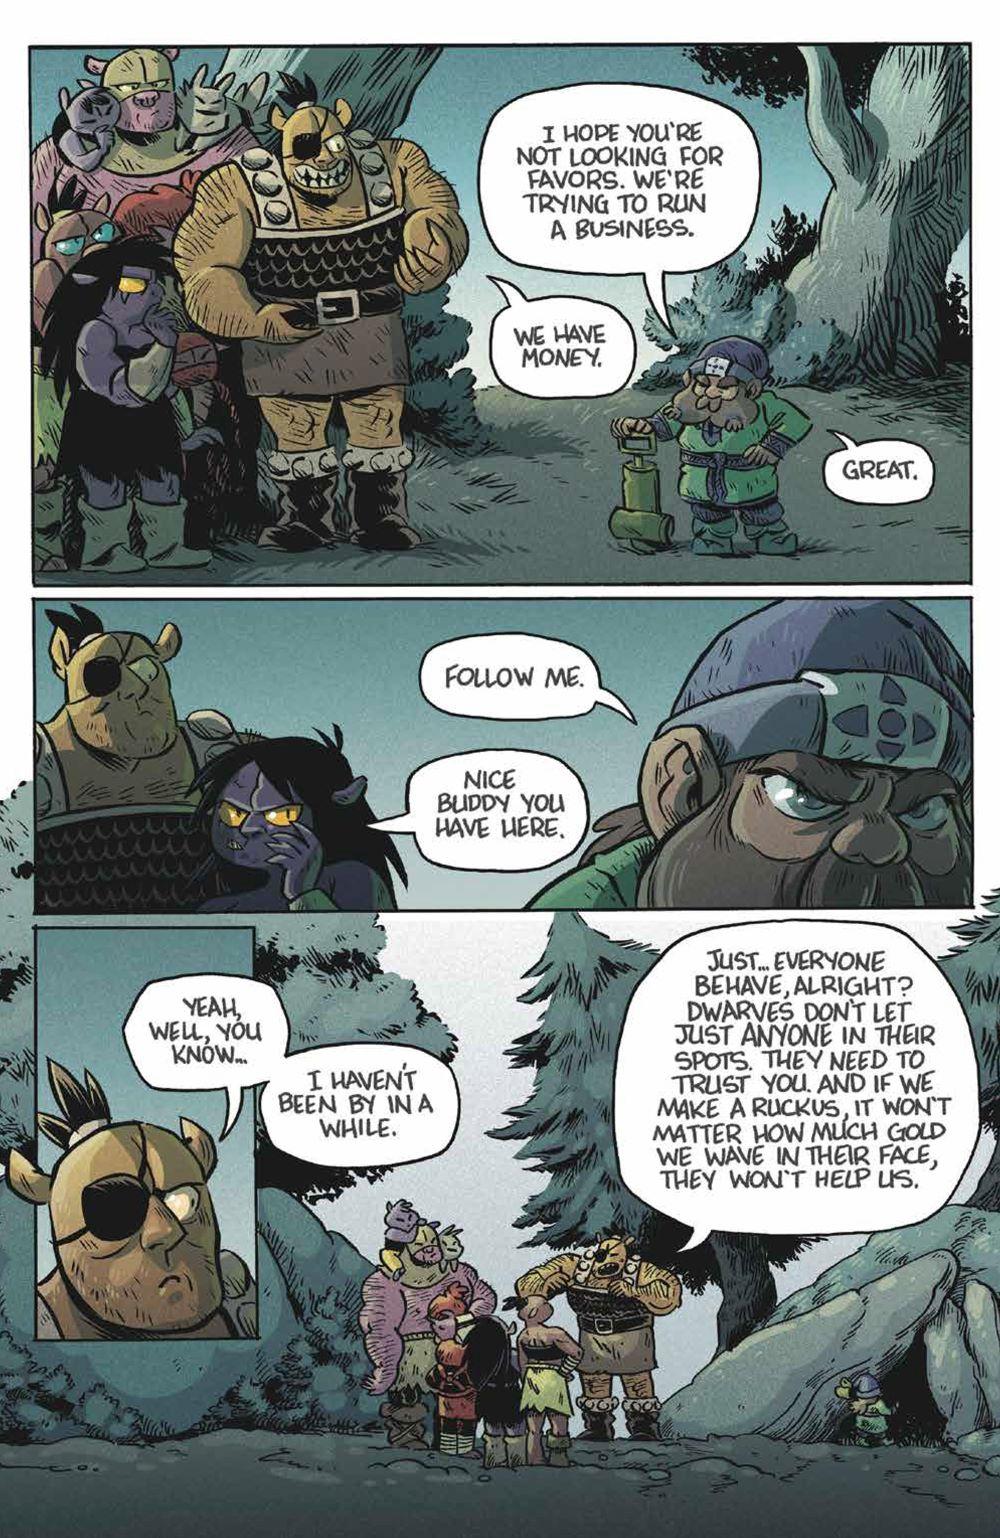 Orcs_004_PRESS_5 ComicList Previews: ORCS! #4 (OF 6)